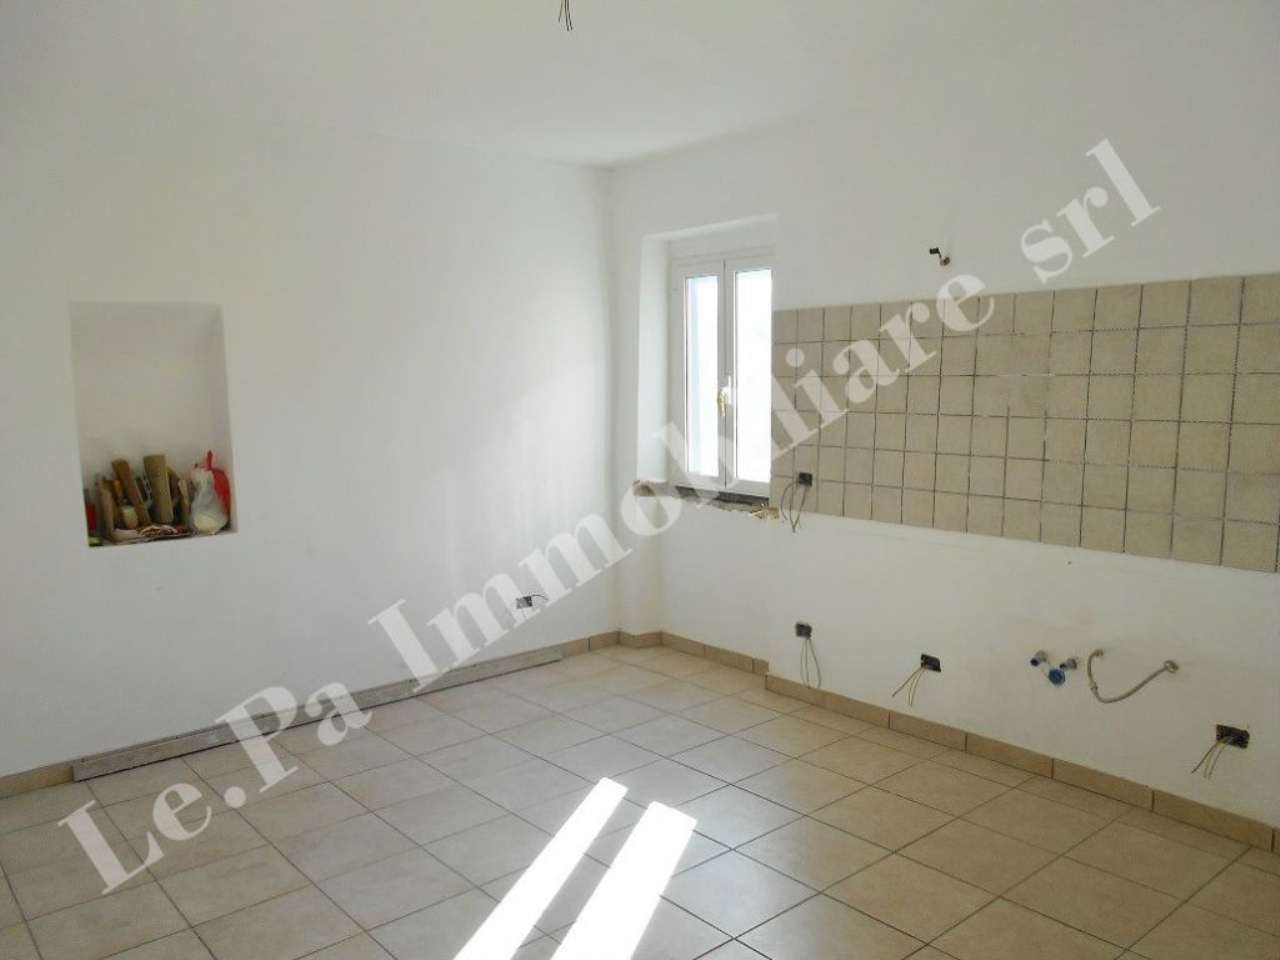 Appartamento in vendita a Labico, 5 locali, prezzo € 79.000 | Cambio Casa.it